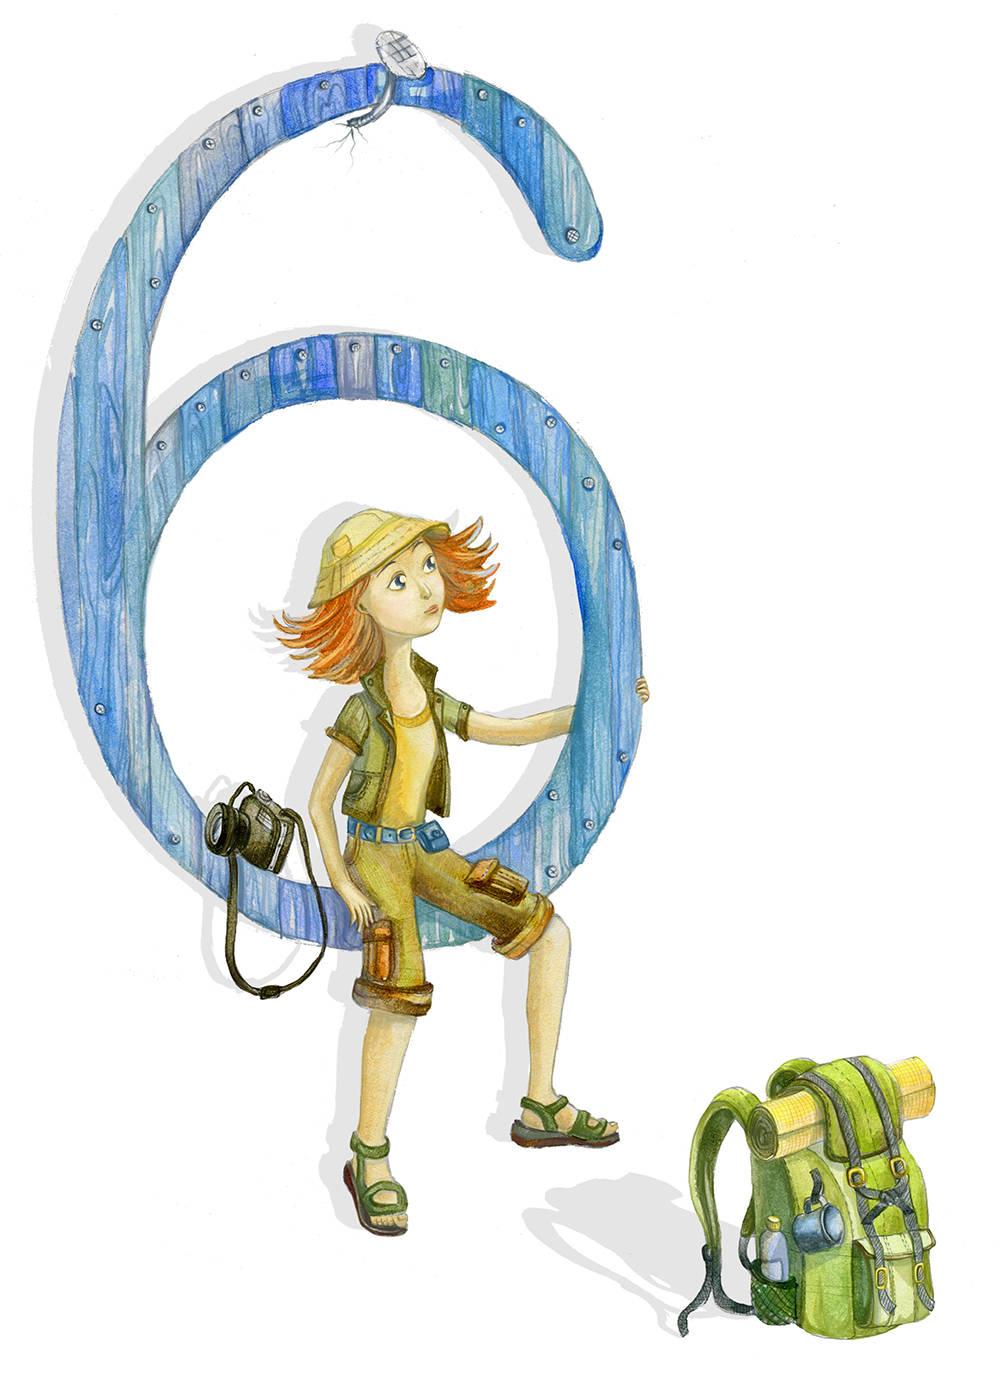 Иллюстрация к детской книге-блокноту